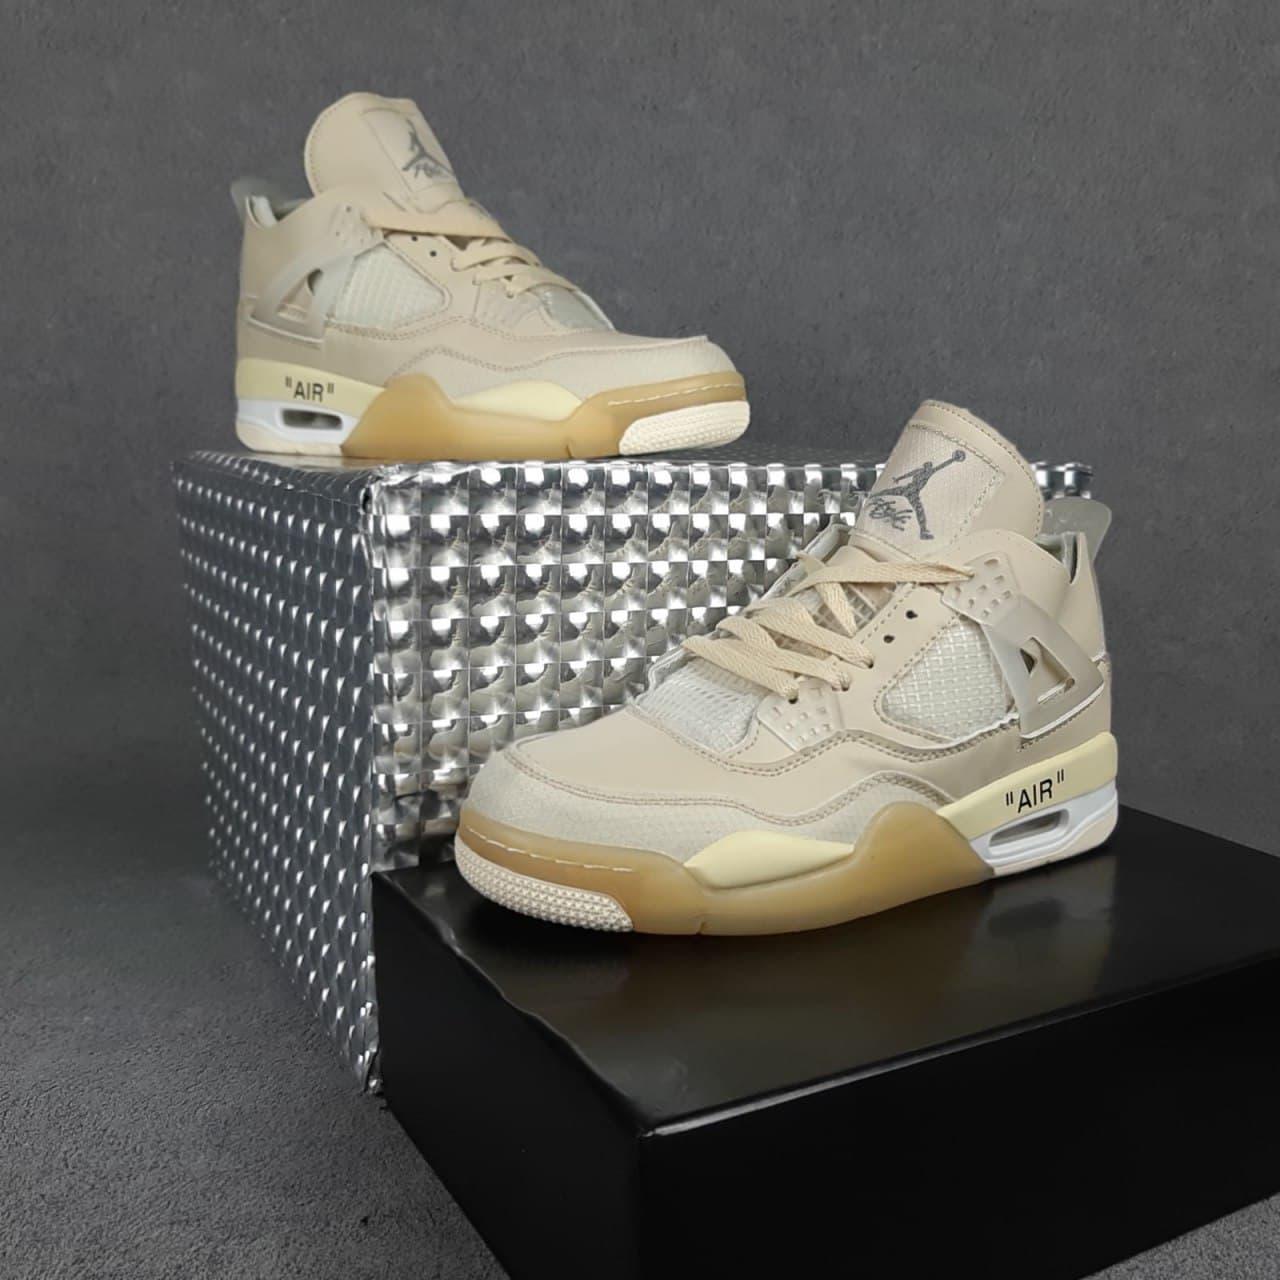 Мужские кроссовки Nike Air Jordan 4 (бежевые) О10494 стильные спортивные кроссы